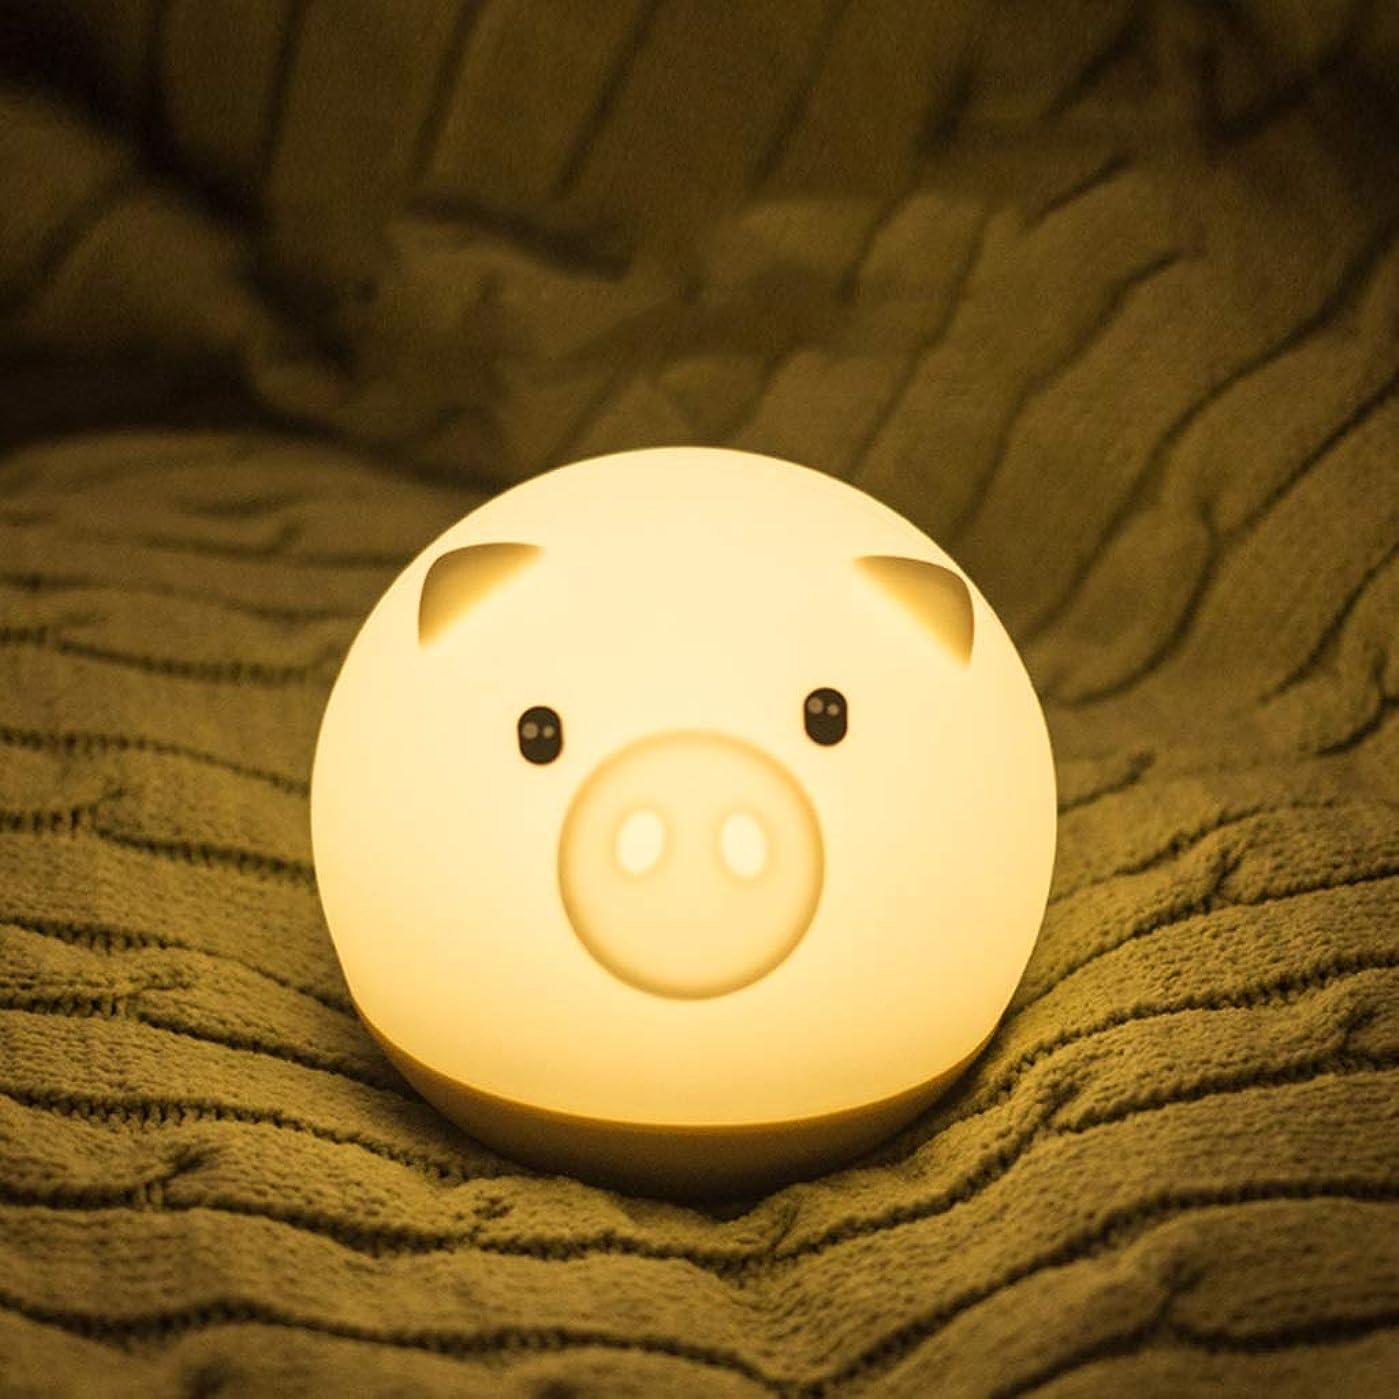 スカイロードブロッキング着陸LEDナイトライト LEDシリコーンナイトライト子供の寝室かわいい漫画充電省エネ目ナイトライト LEDナイトライト